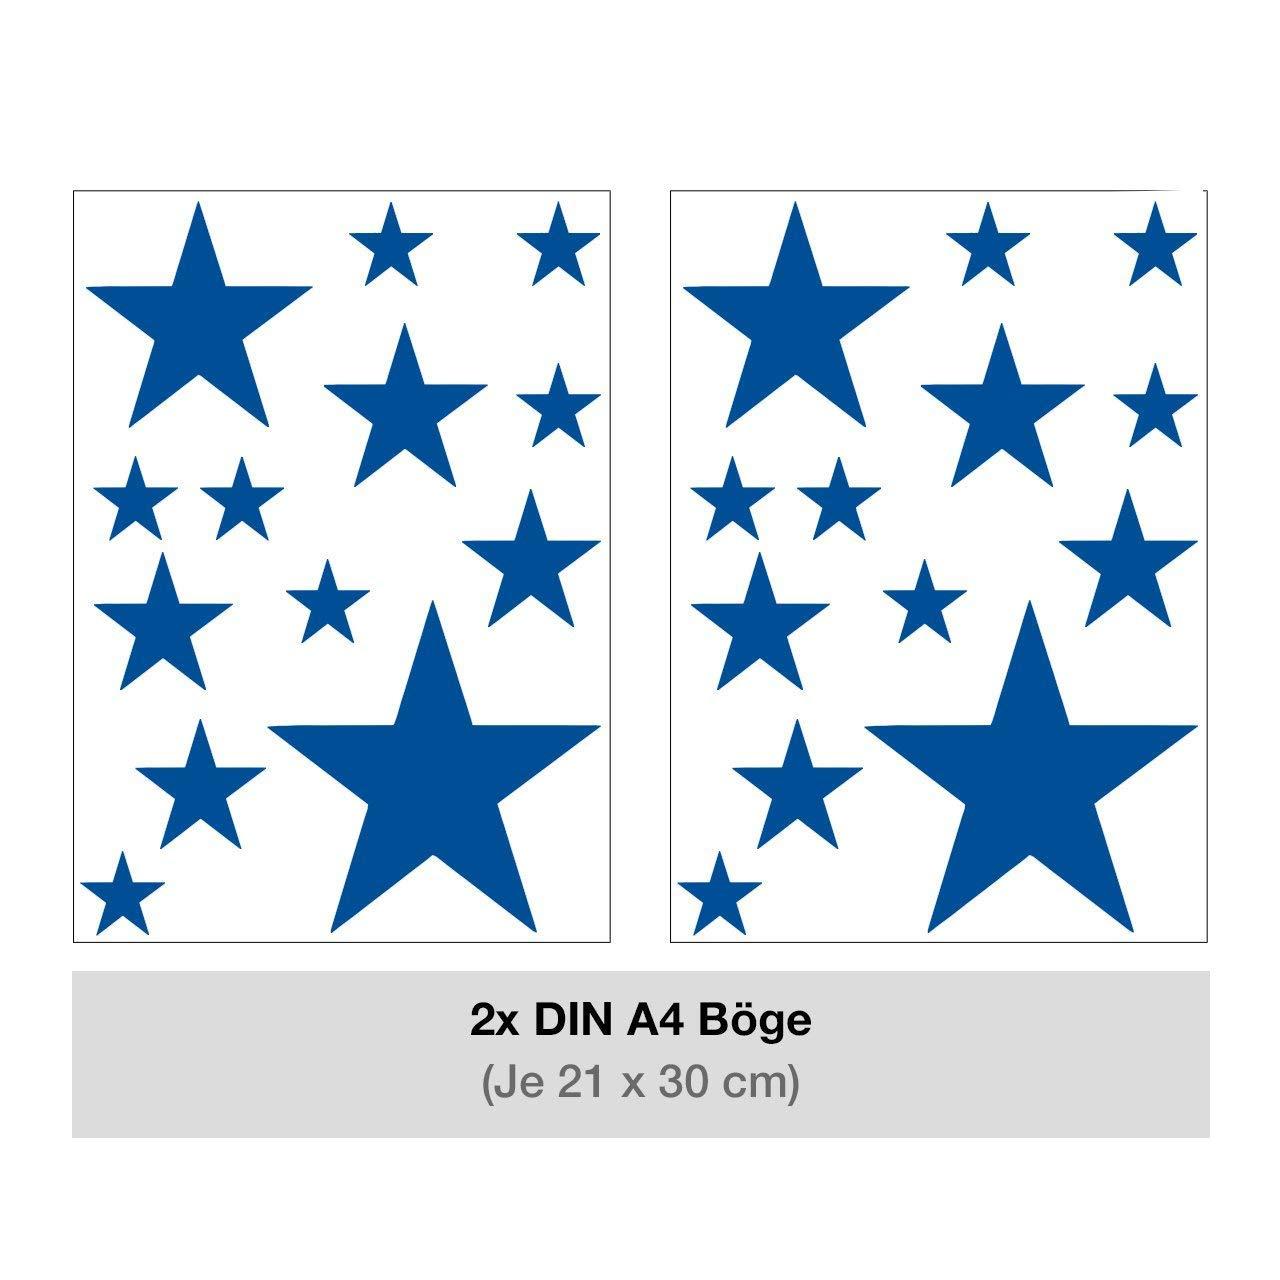 Dekoartikel Fur Kinderzimmer Wandtattoo Kinderzimmer Wandsticker Set Aquarell Sterne In Blau Zum Kleben Wand Baby Luxdental Si